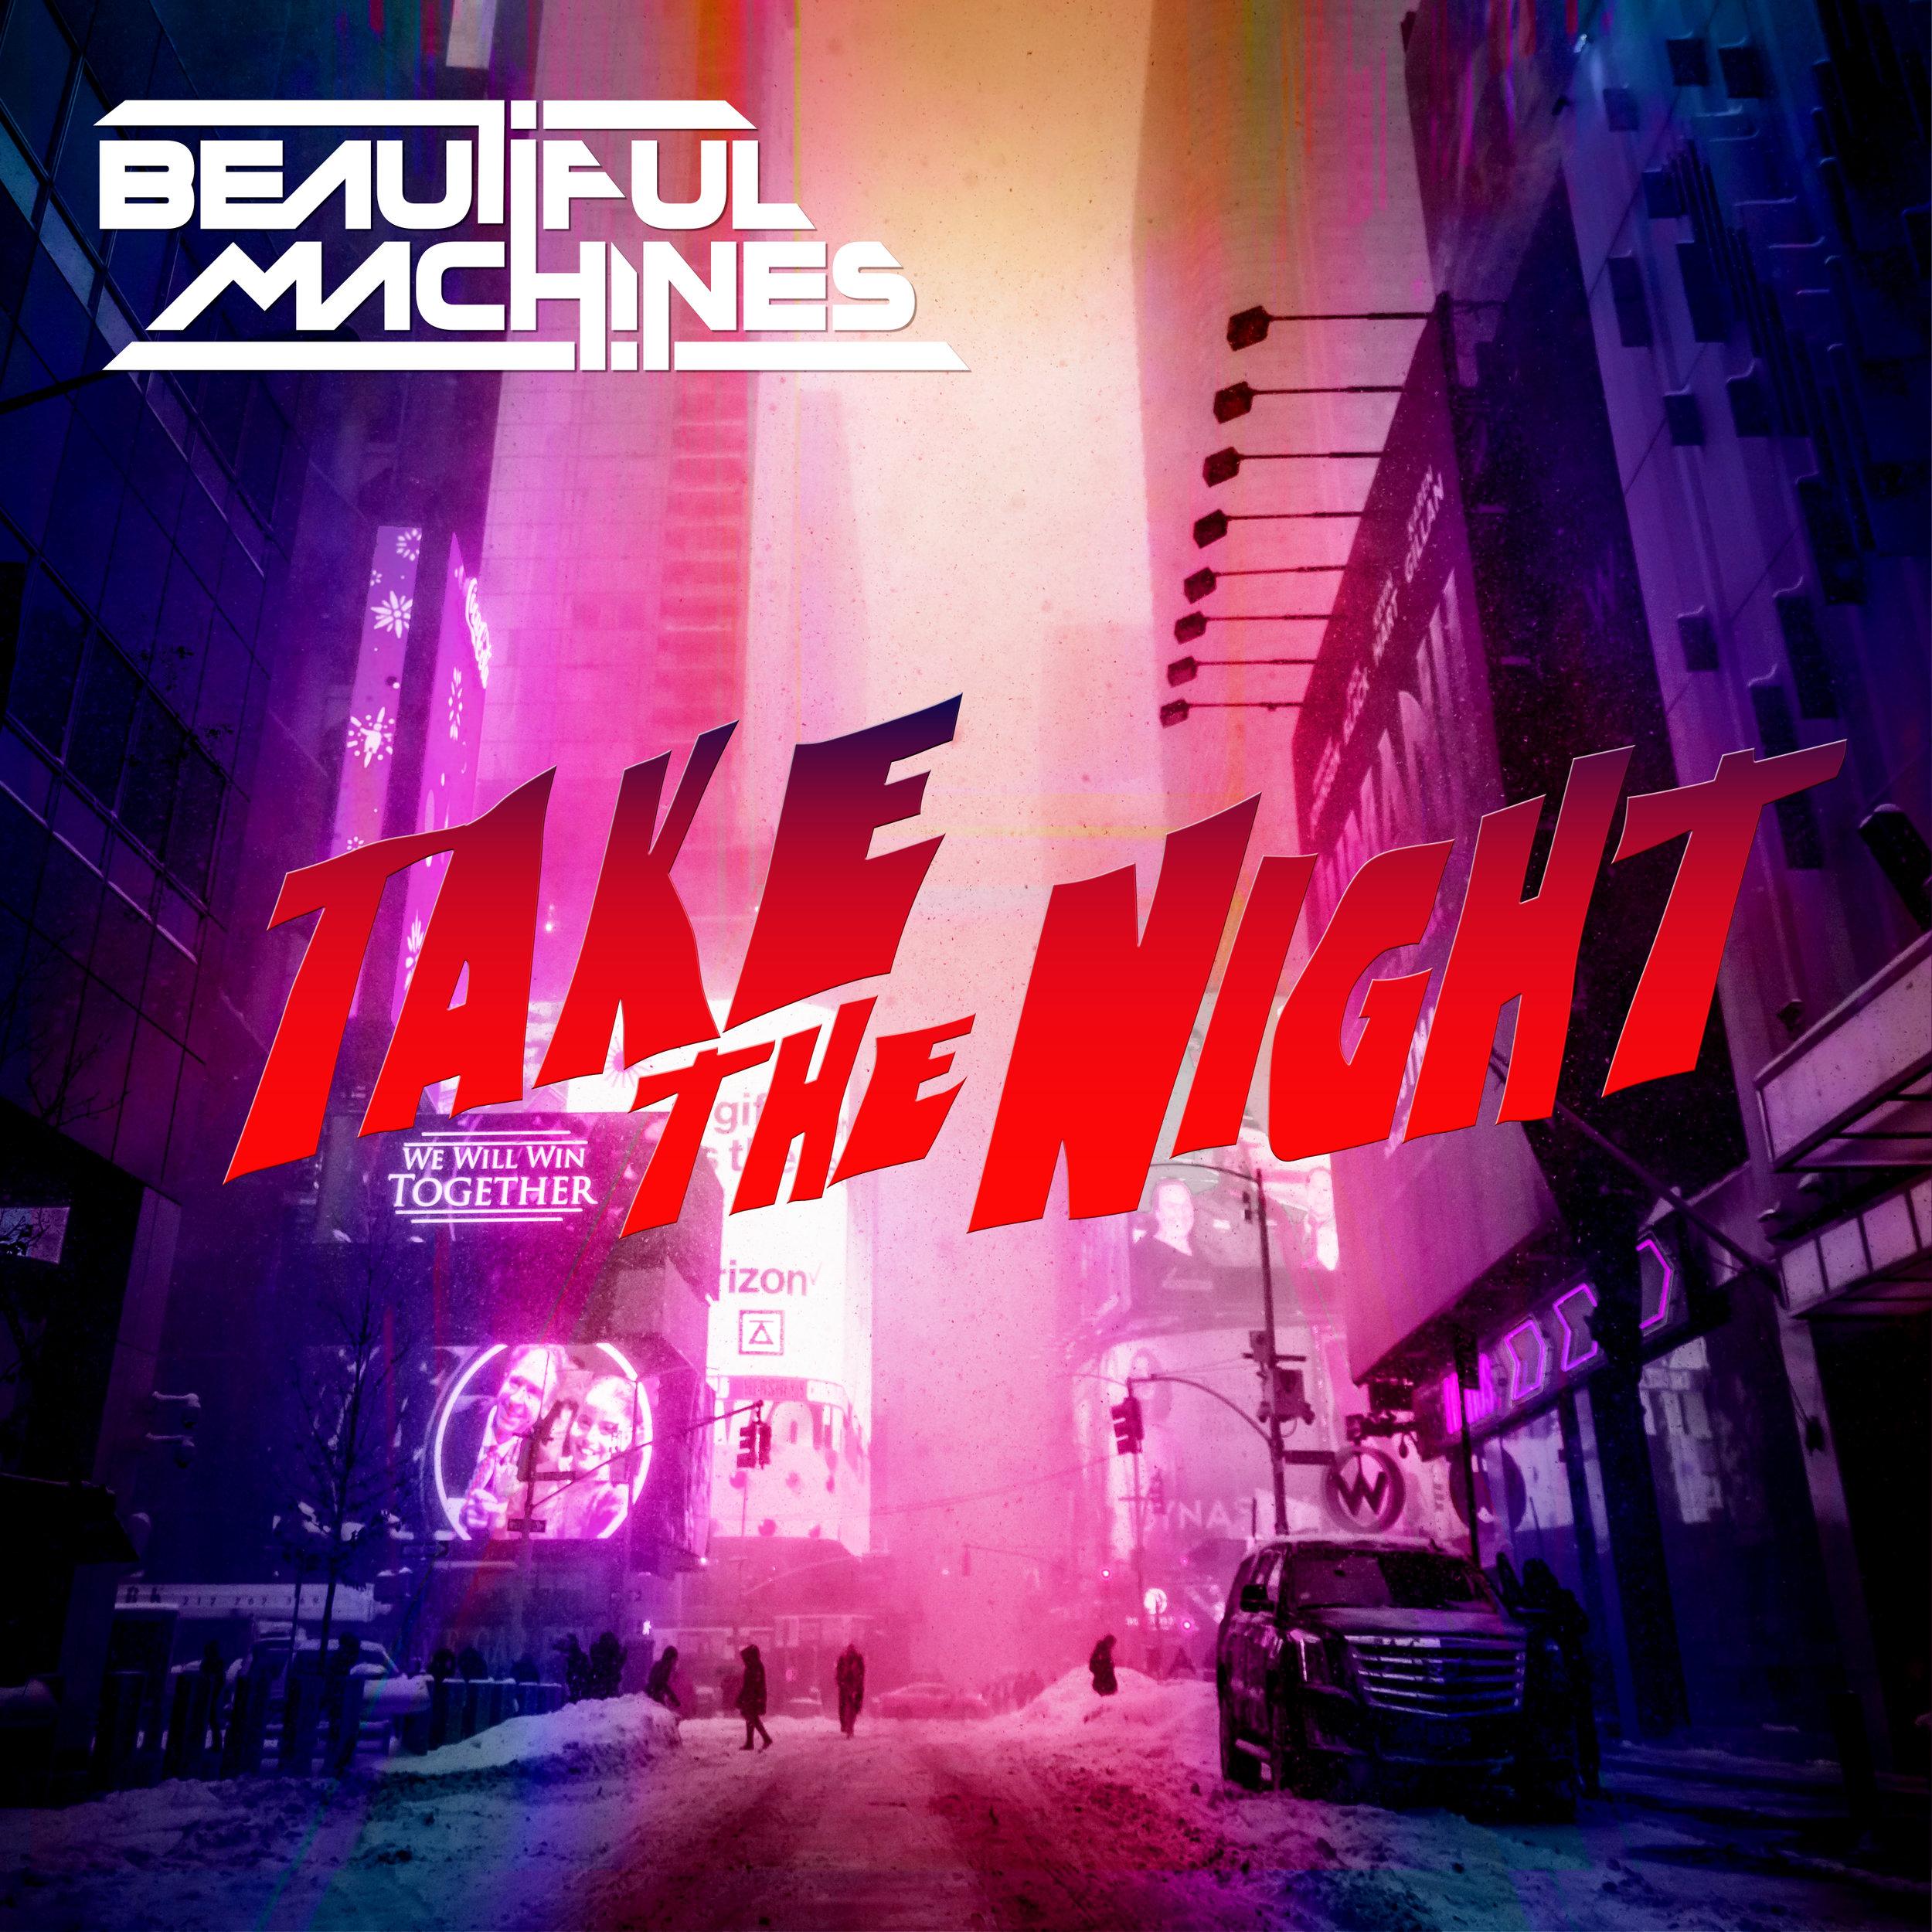 Artwork - Beautiful Machines - Take the Night 3000x3000.jpg